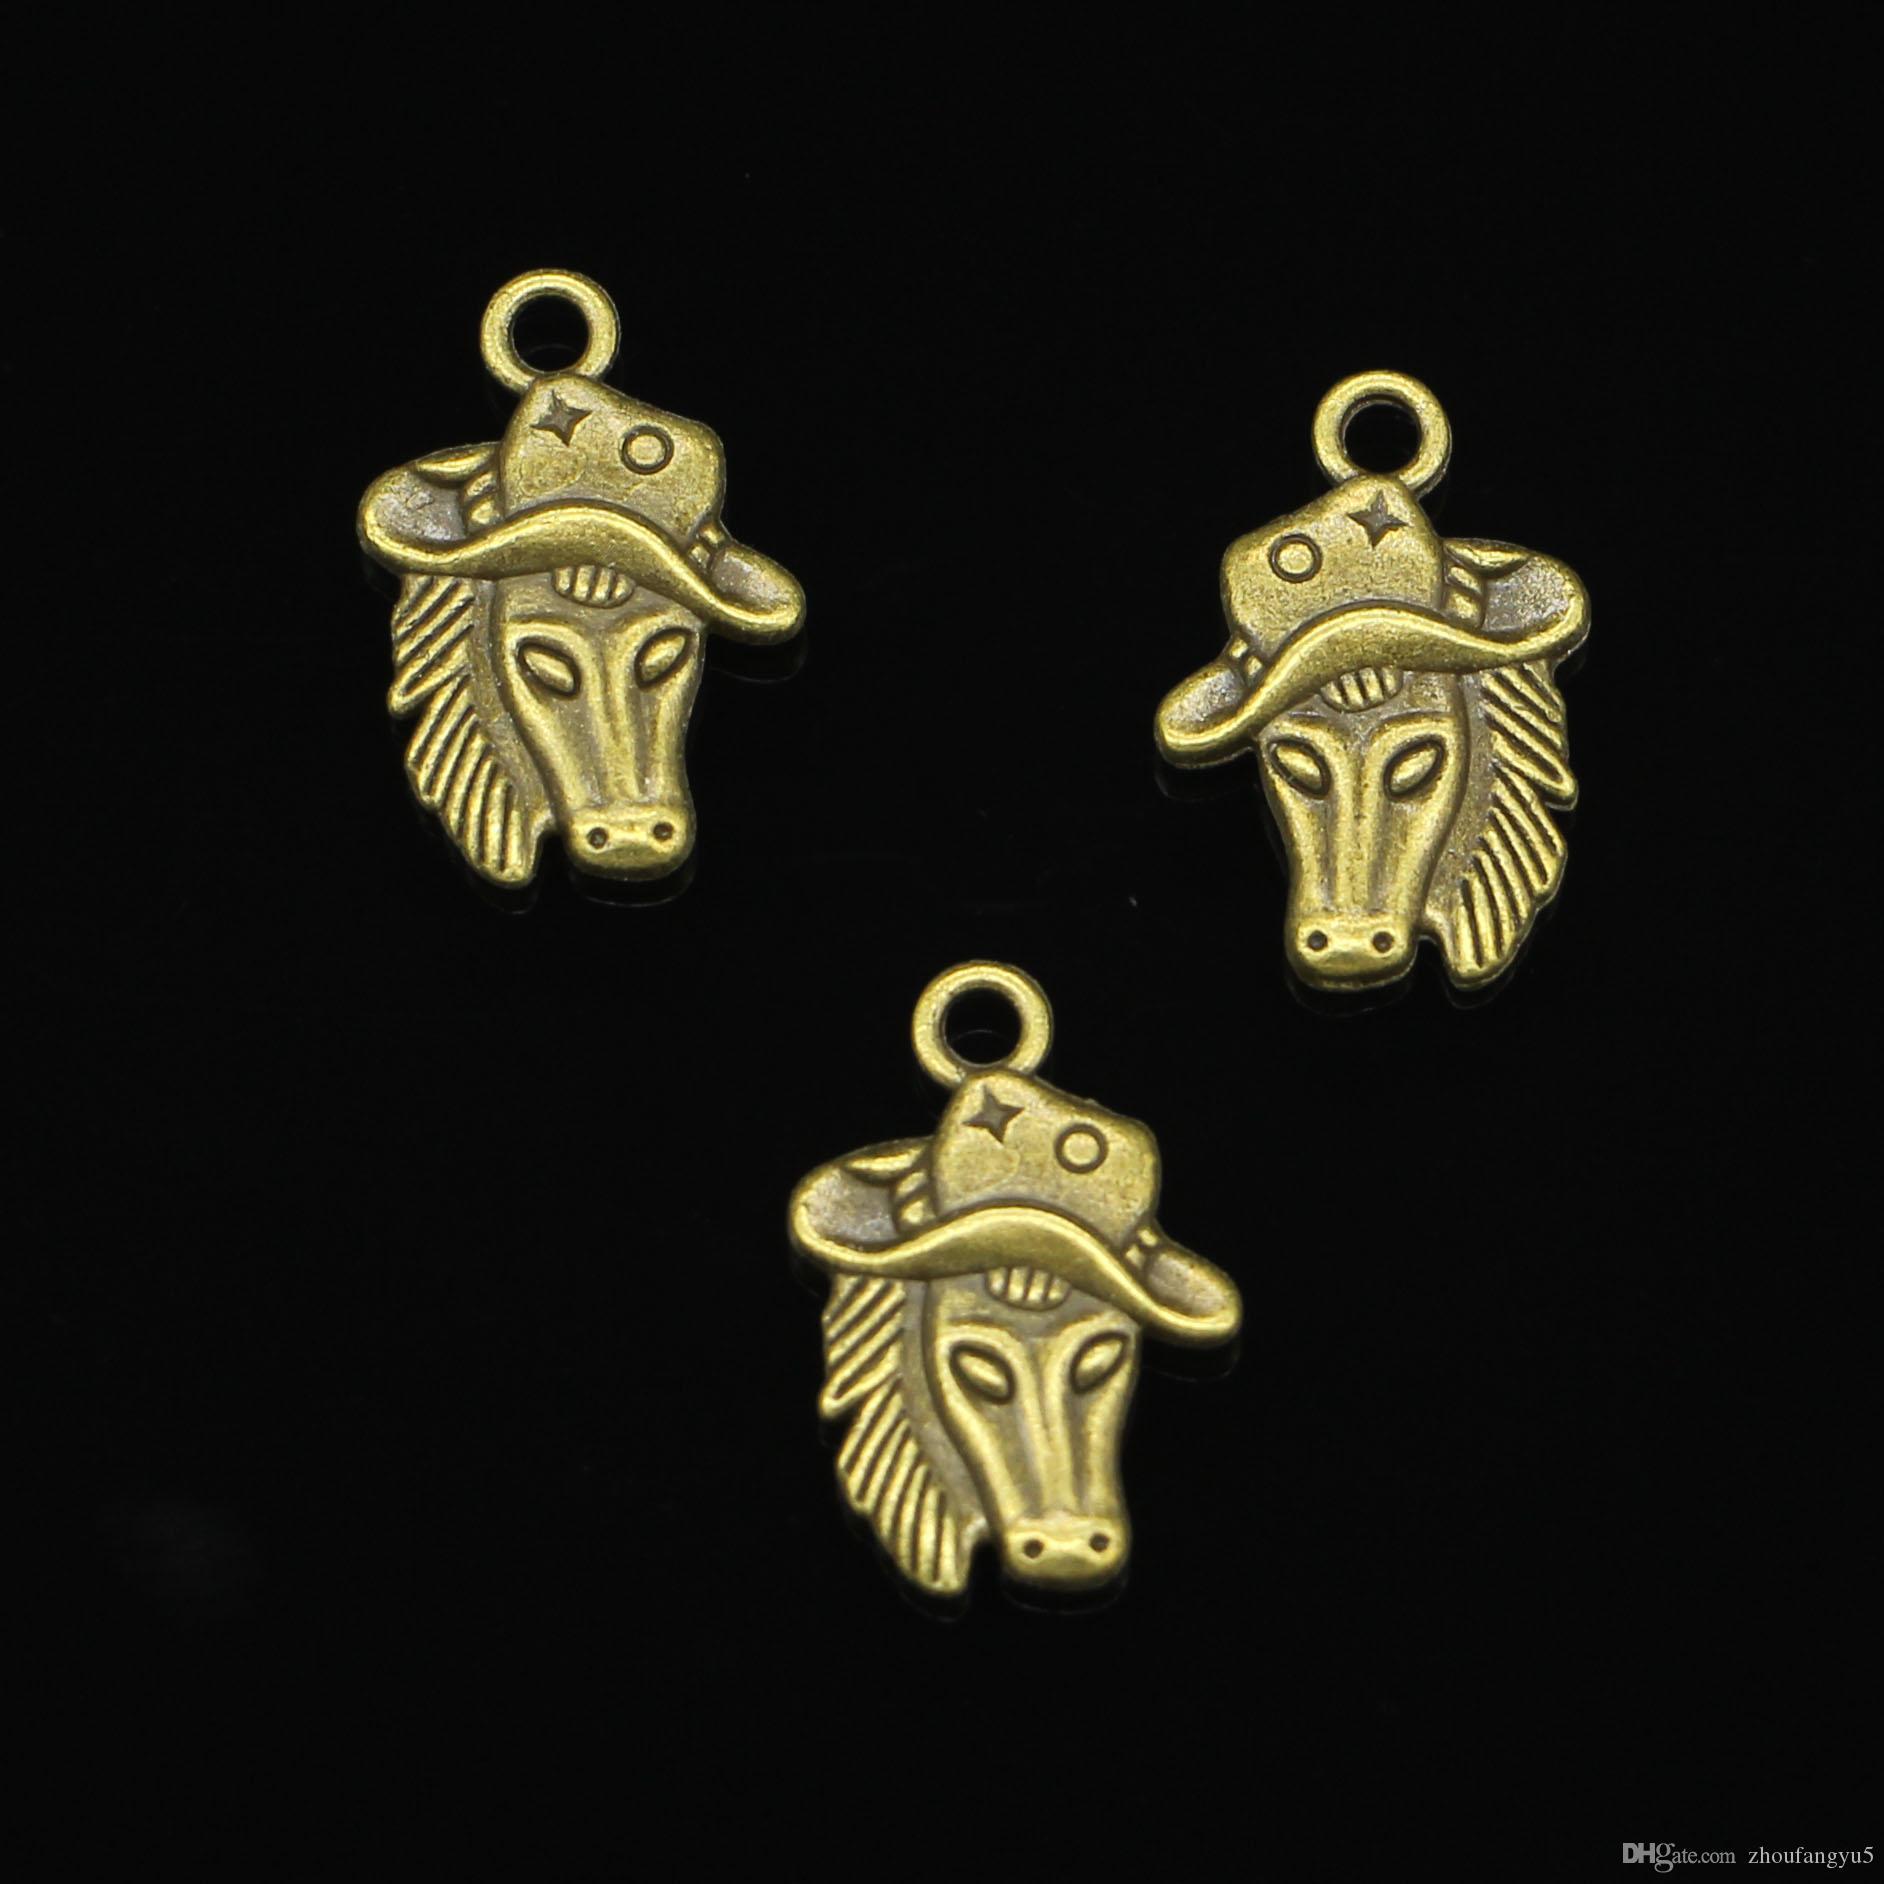 44 stücke Zink-legierung Charms Antike Bronze Überzogene pferd in cowboyhut Charms für Schmuck Machen DIY Handgefertigte Anhänger 23 * 16mm